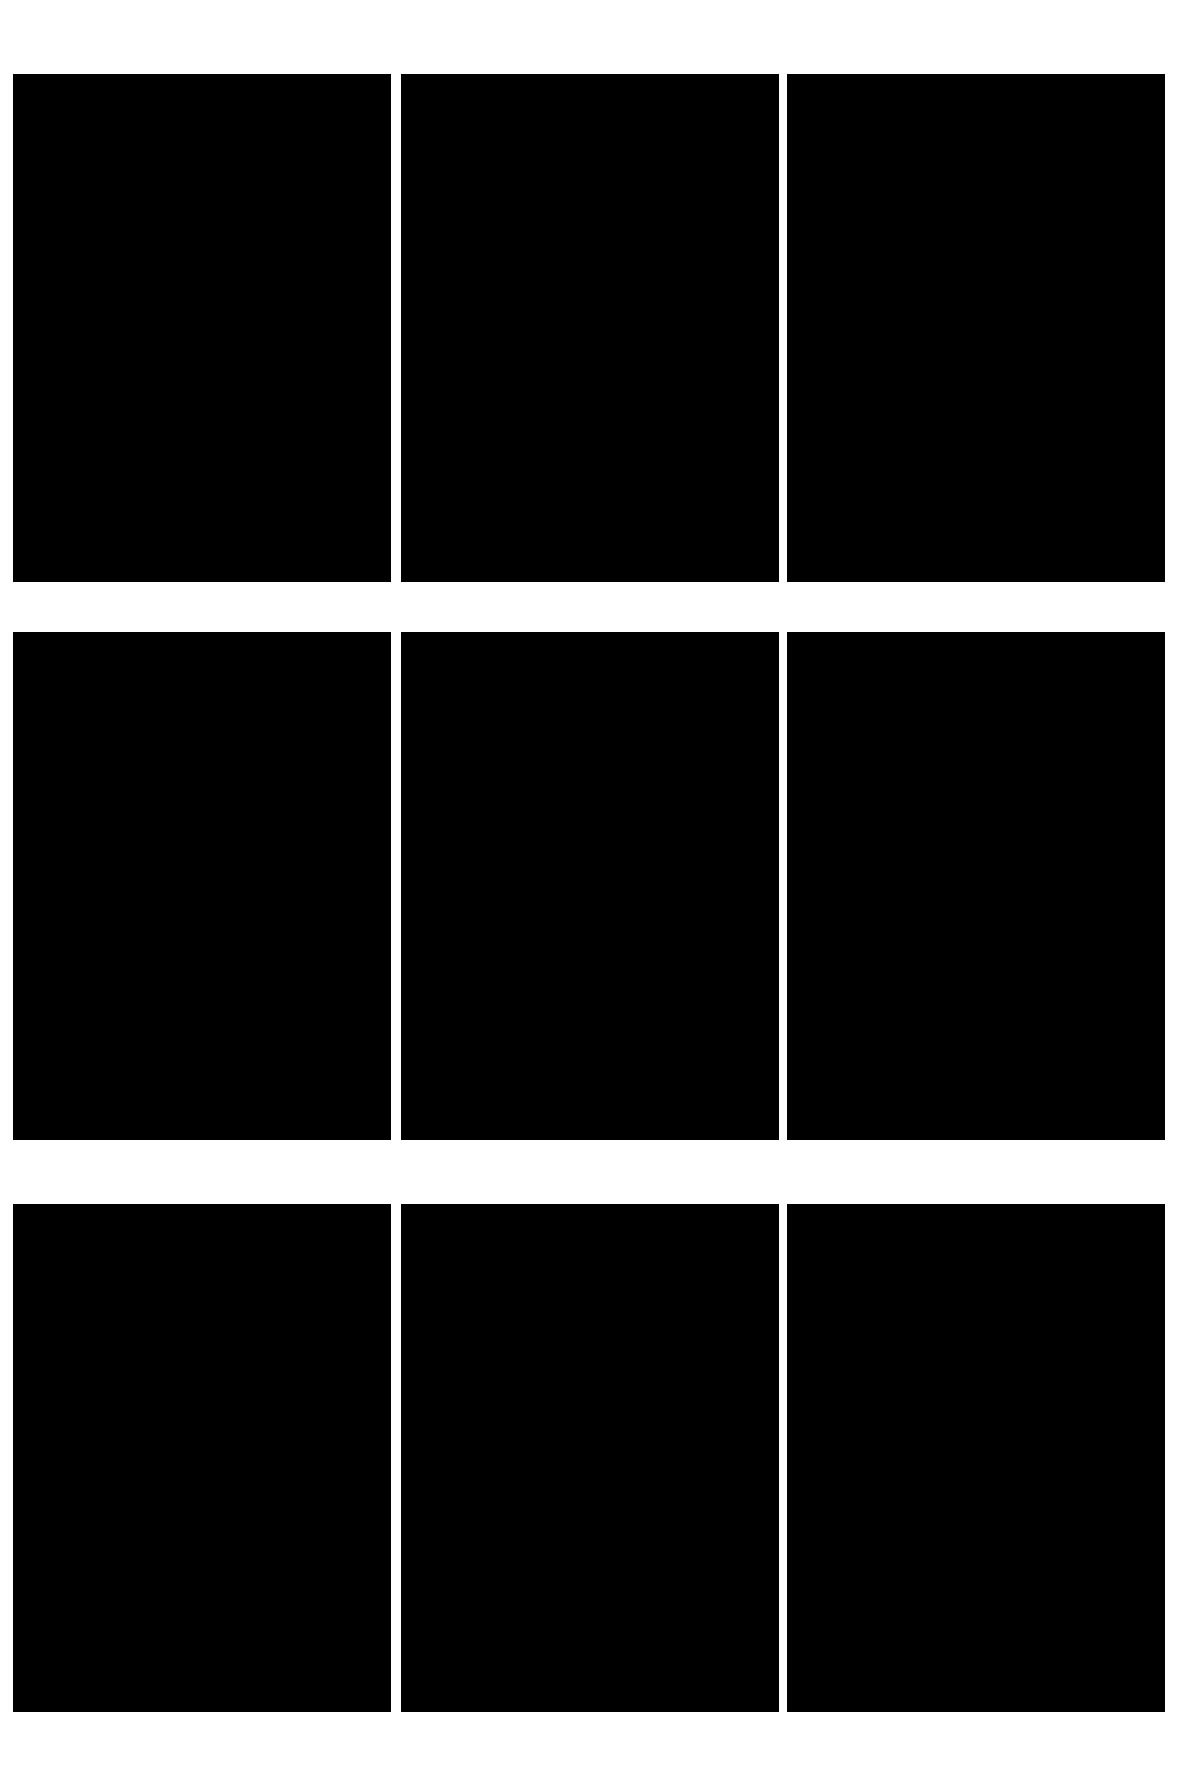 Tamaño de una Foto Carnet - Medidas en cm, mm y pixeles Foros ...